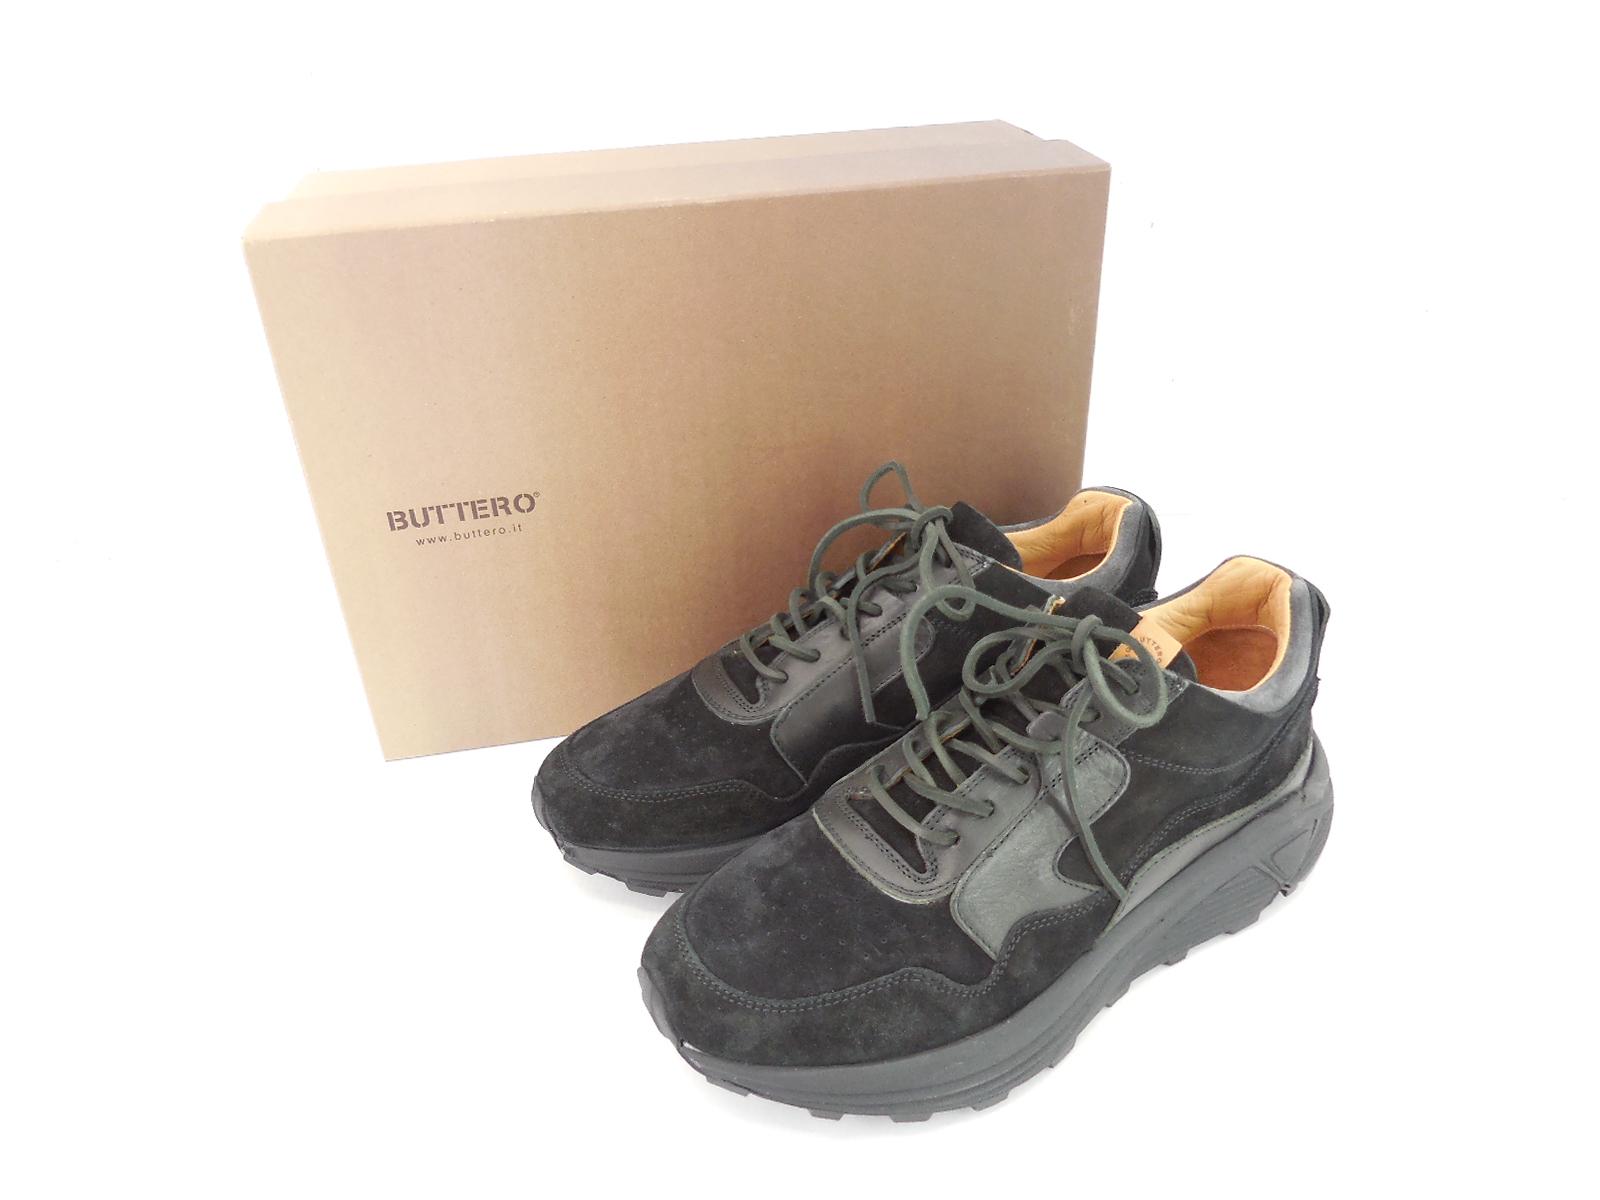 BUTTERO B7350 レザーダッドスニーカー size:41(JP27cm) ブッテロ PE-BOWH VIBRAM SOLE ビブラムソール 靴 シューズ ブラック